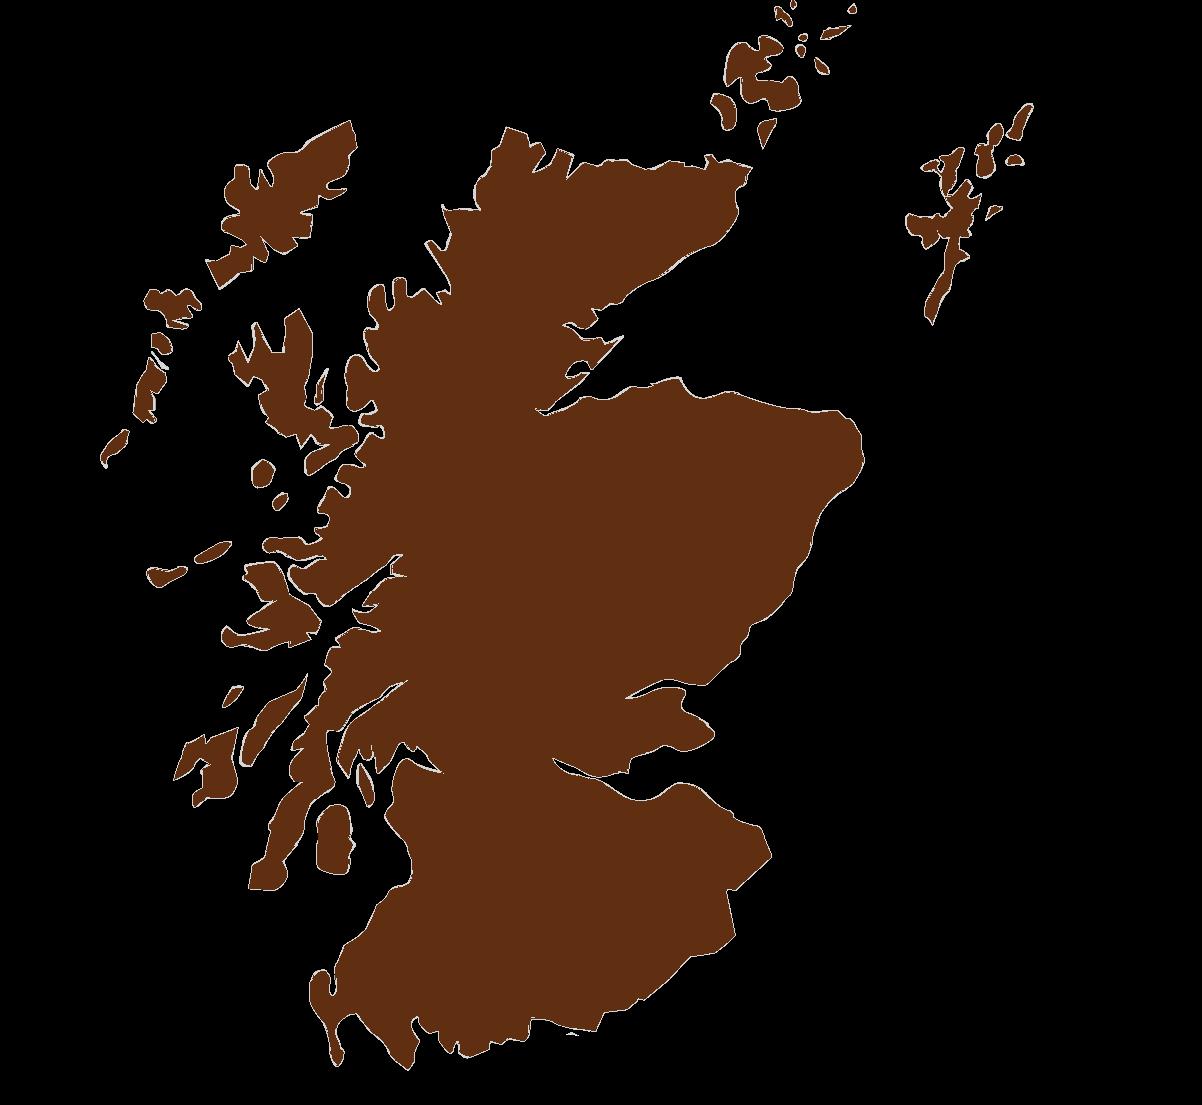 Schottland Karte Highlands.Reisen Mit Hund Highlands Schottland